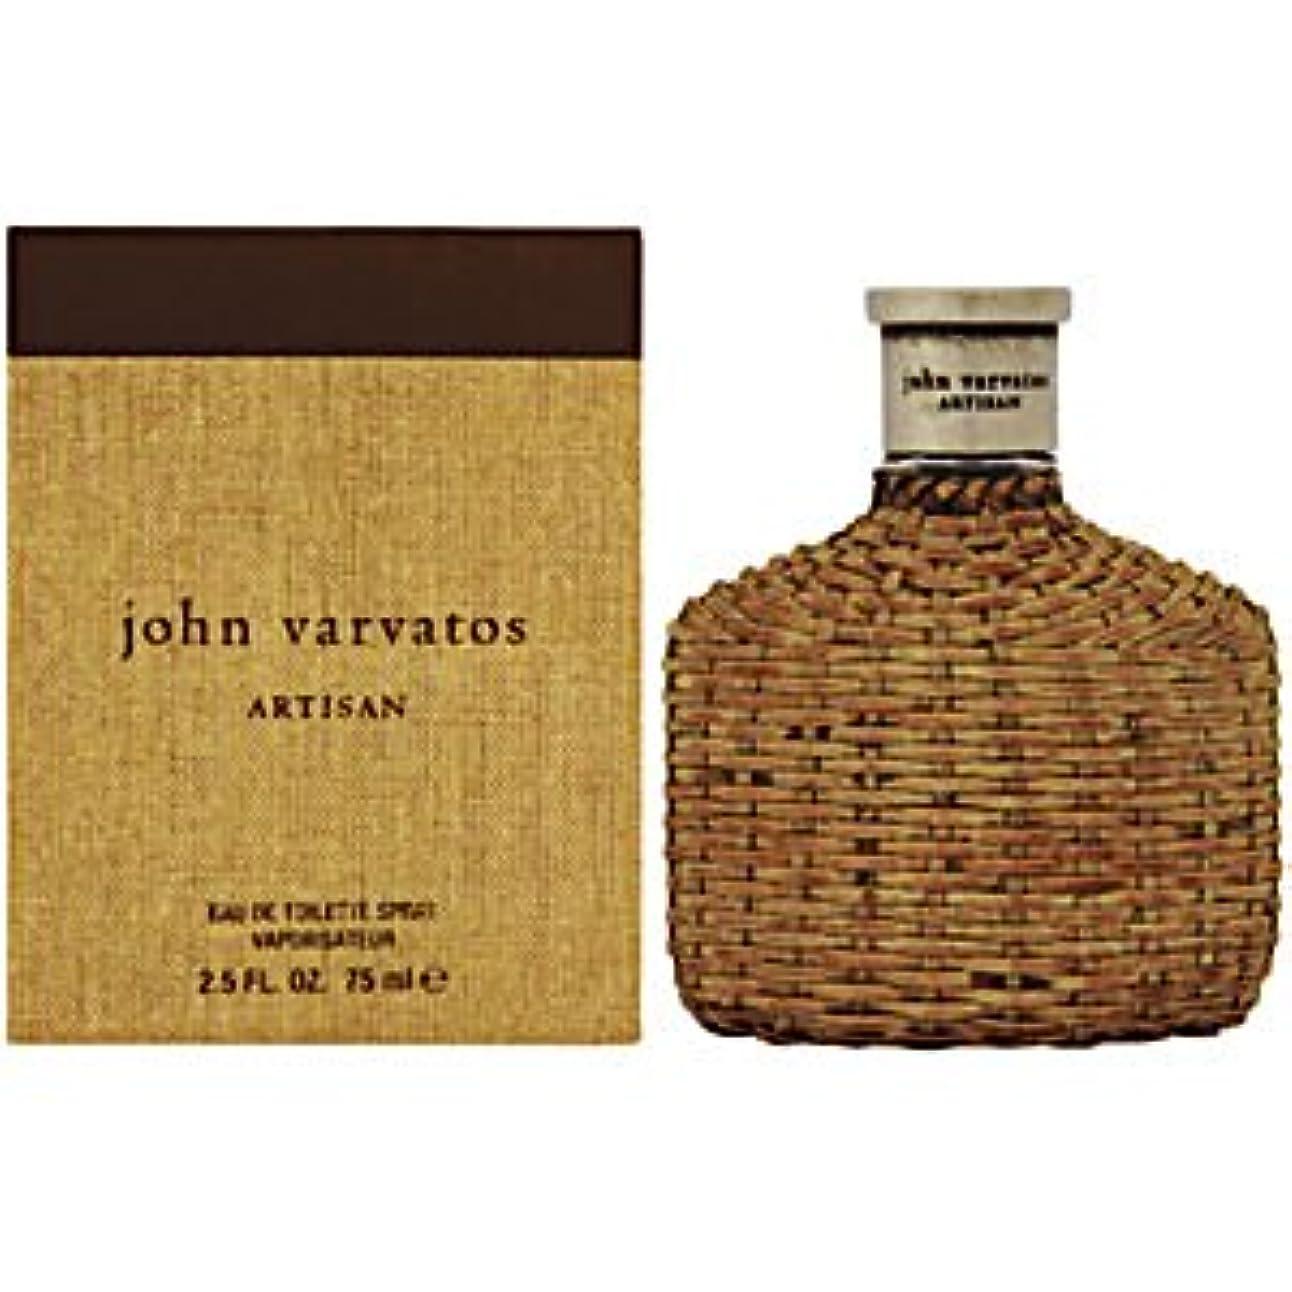 【ジョン ヴァルヴェイトス 香水】 ジョンヴァルヴェイトス アルティザン ET75MLSP 【並行輸入品】